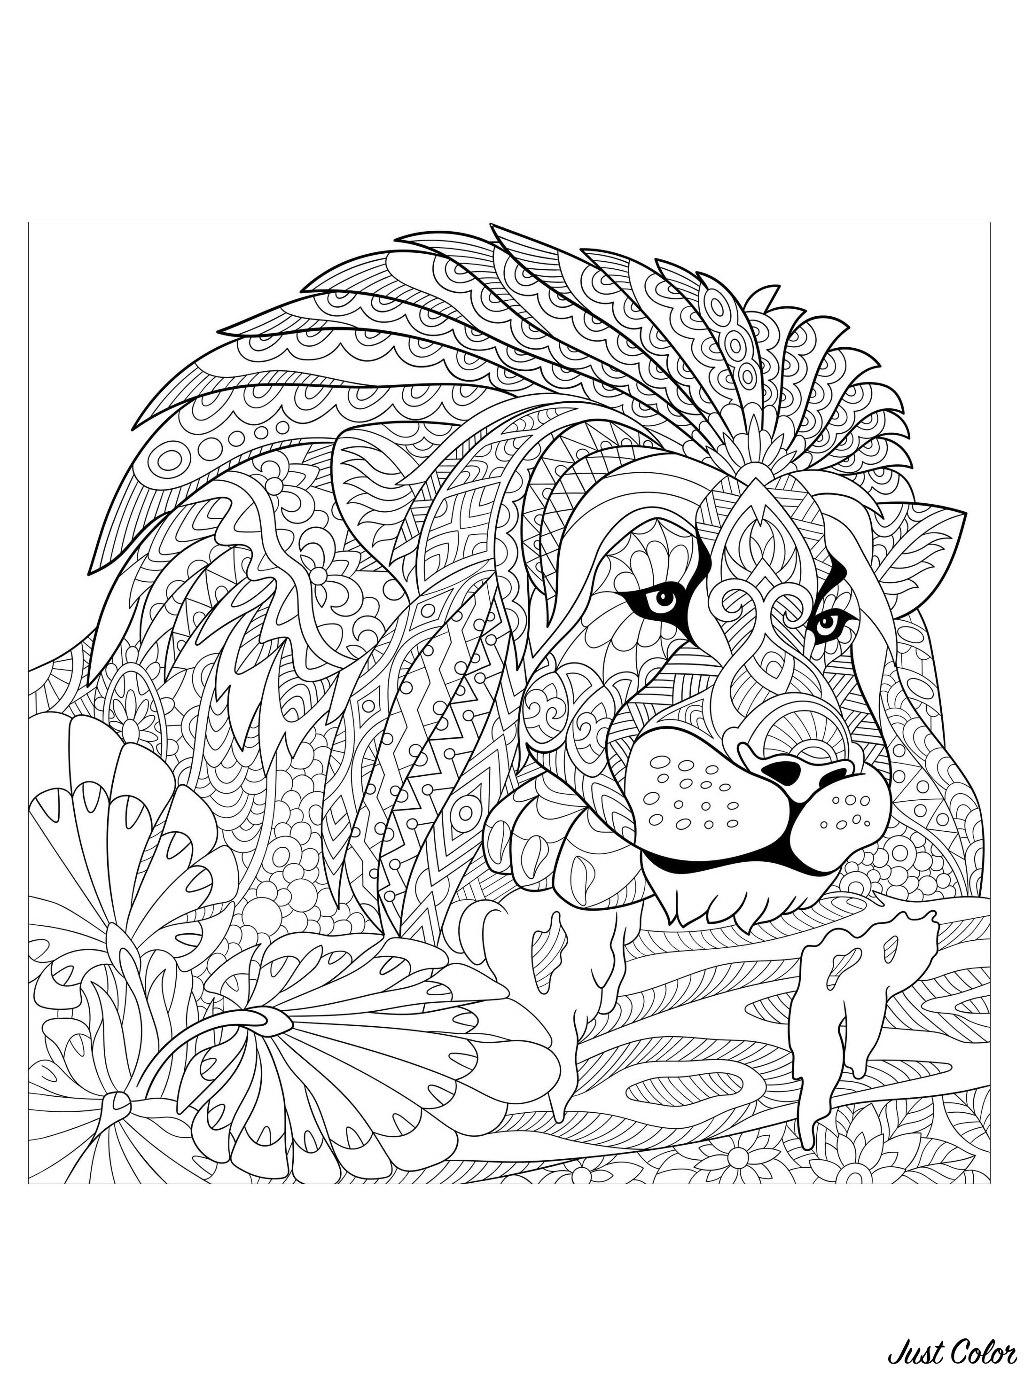 Disegni da colorare per adulti : Lions - 3